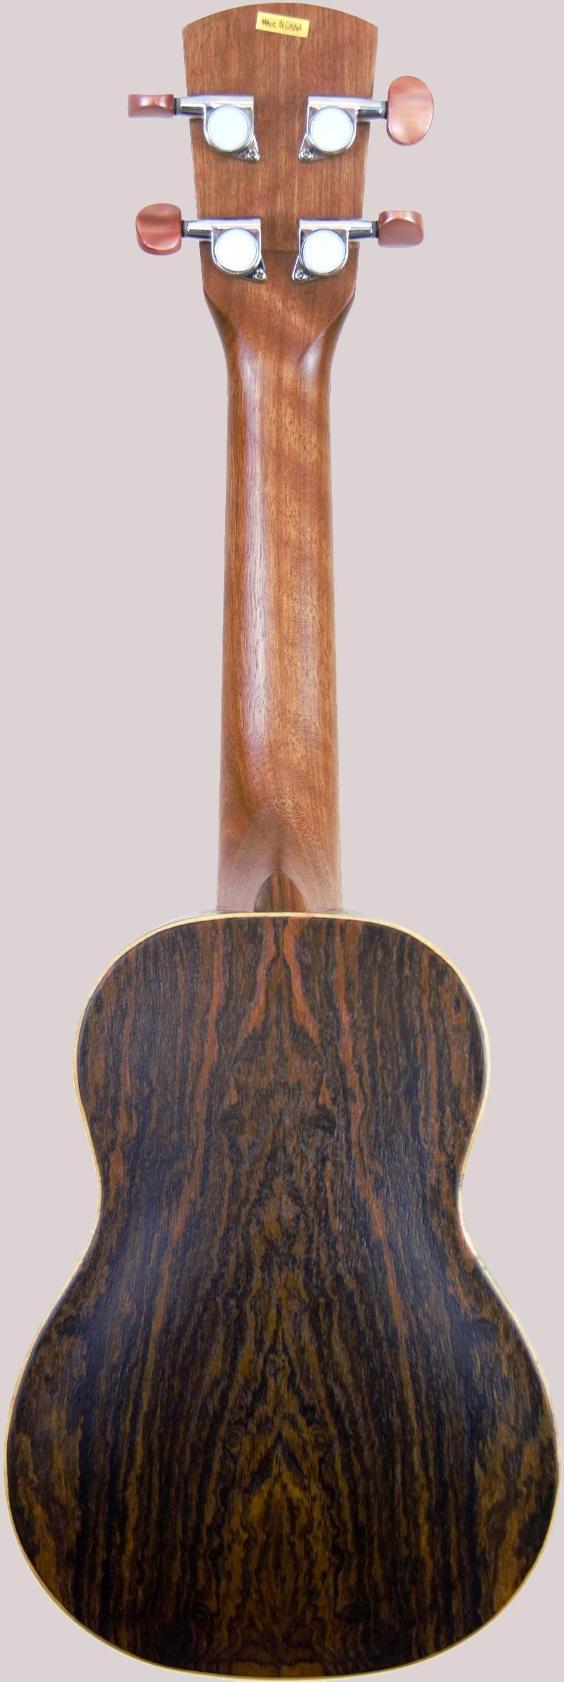 laka boycote soprano ukulele vus 75